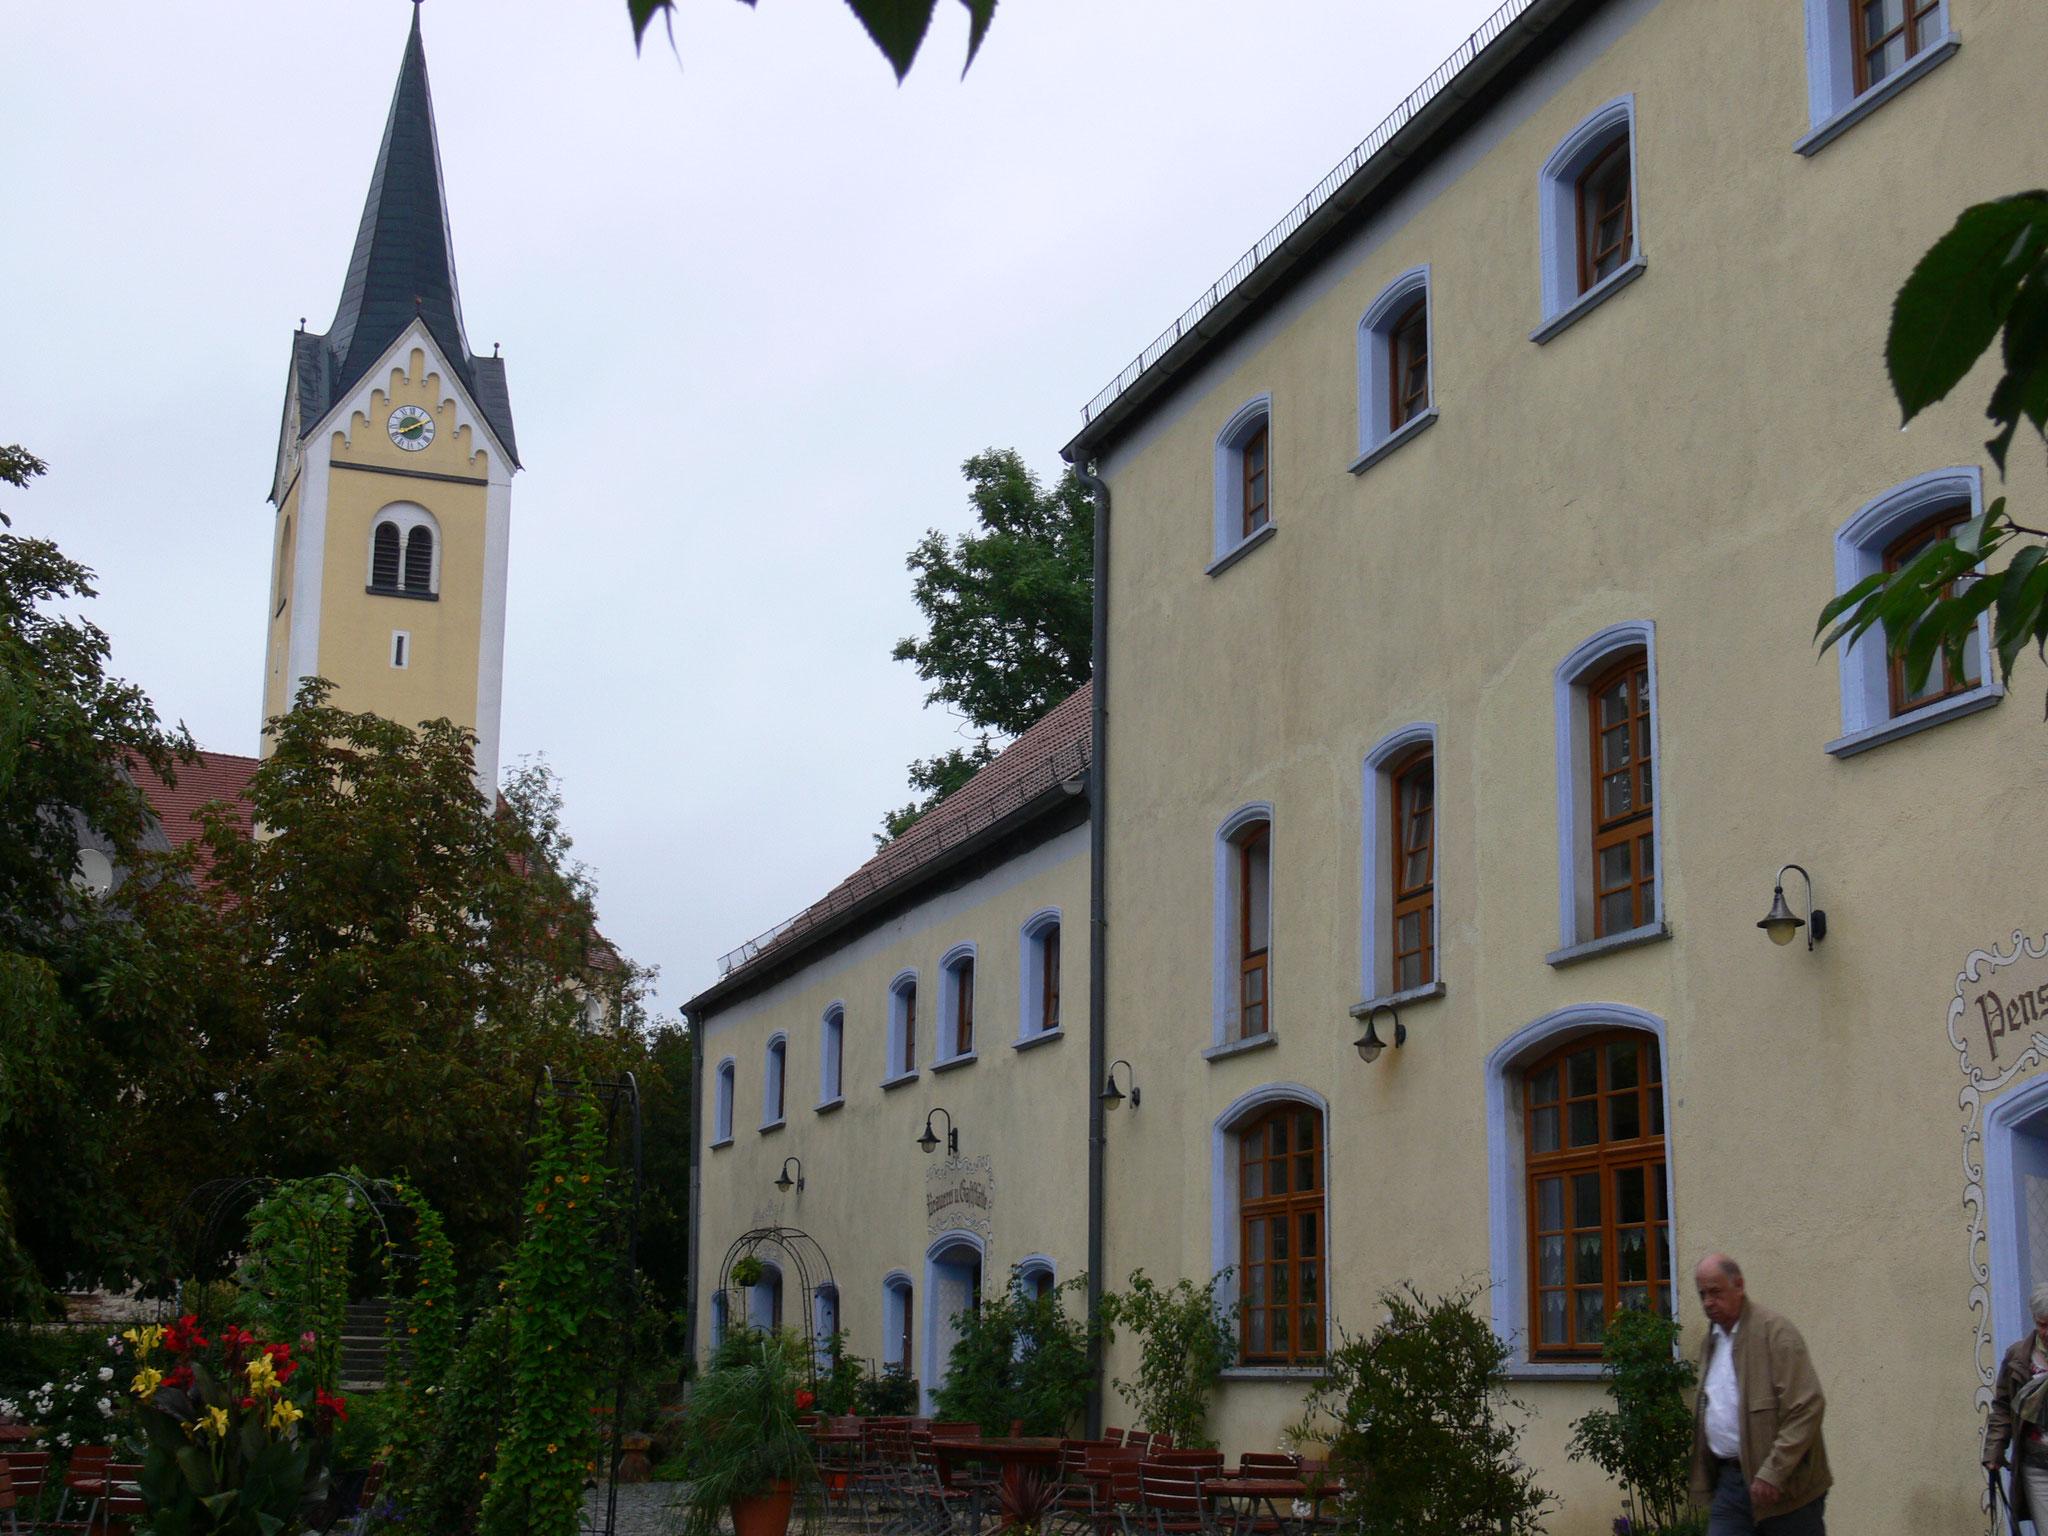 Eine gute Adresse, der Brauereigasthof Stangelbräu in Herrnwahltann, unser Hotel.